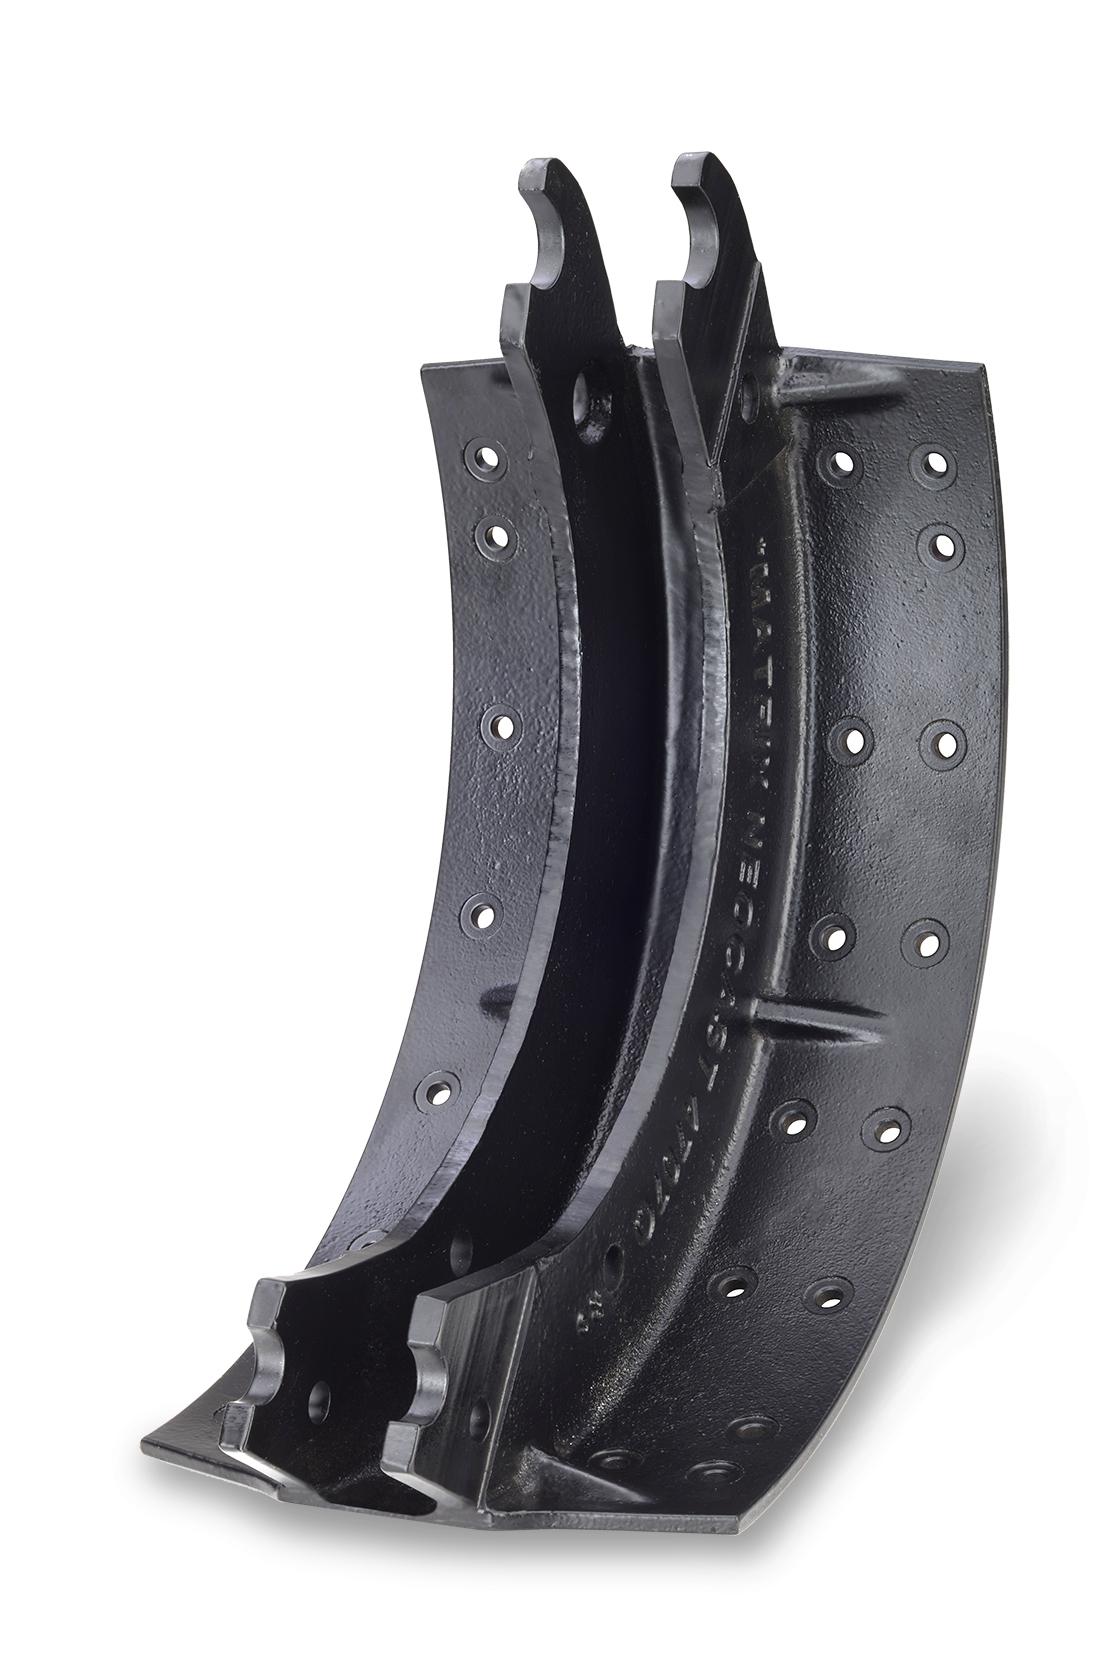 Matrix NeoCast: World's first lightweight cast iron 4707Q